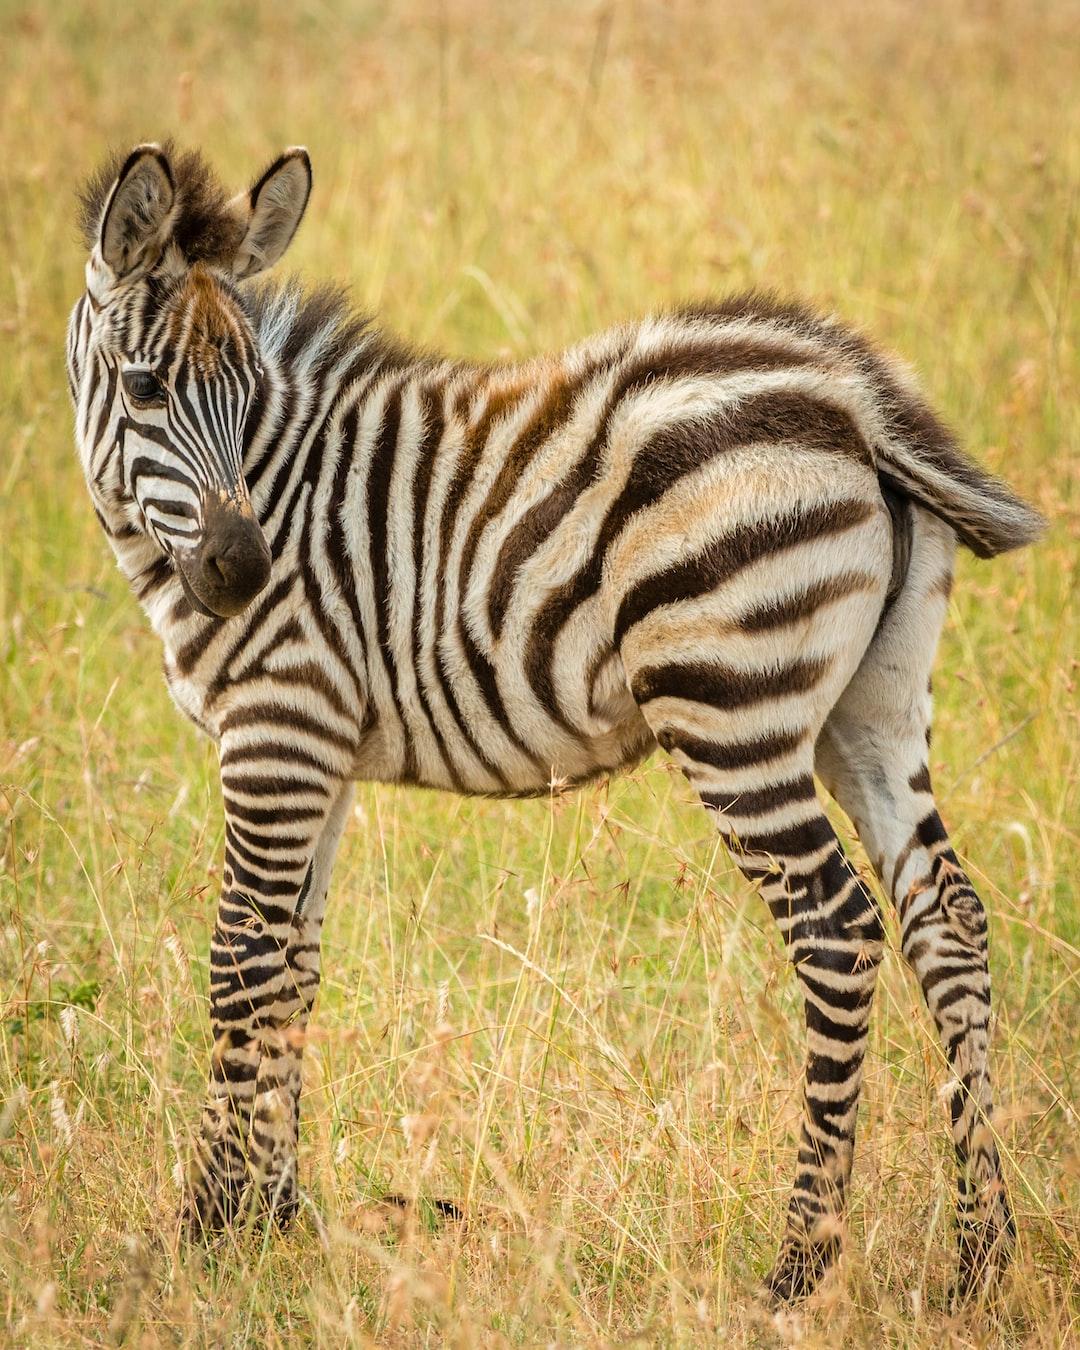 A cute juvenile zebra.